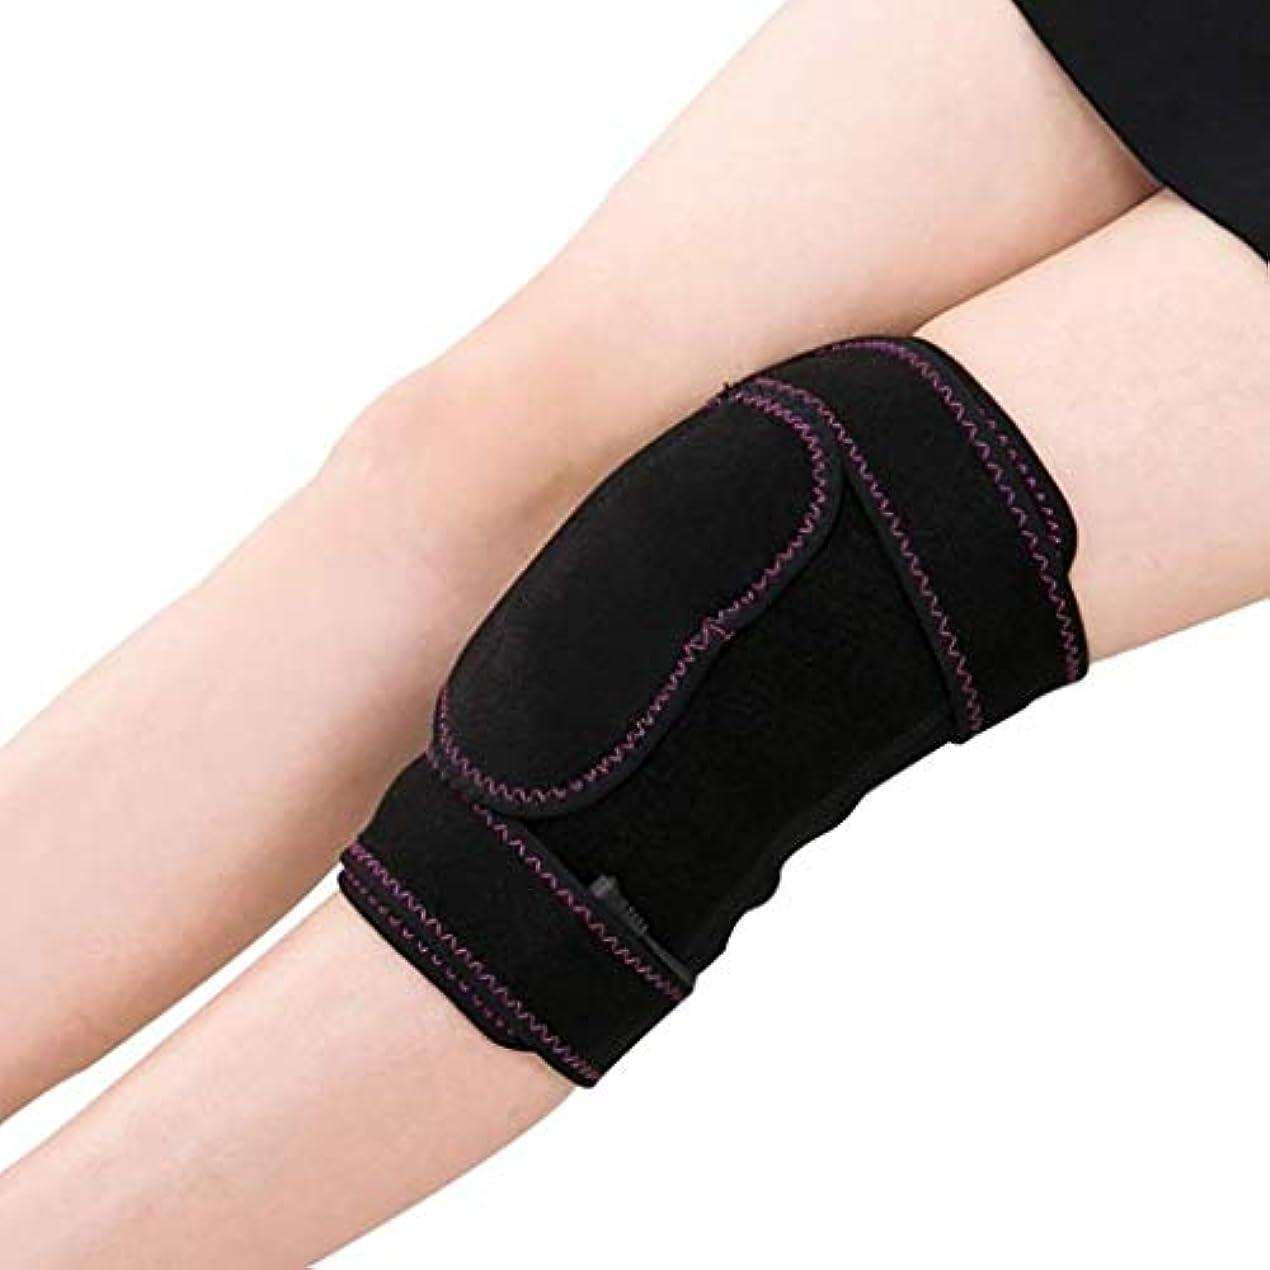 請求書コンペ最大レッグマッサージャー、電気加熱式膝パッド、ホットコンプレッションセラピーツール、脚の筋肉の弛緩に適し、血液循環の促進、温度調節可能